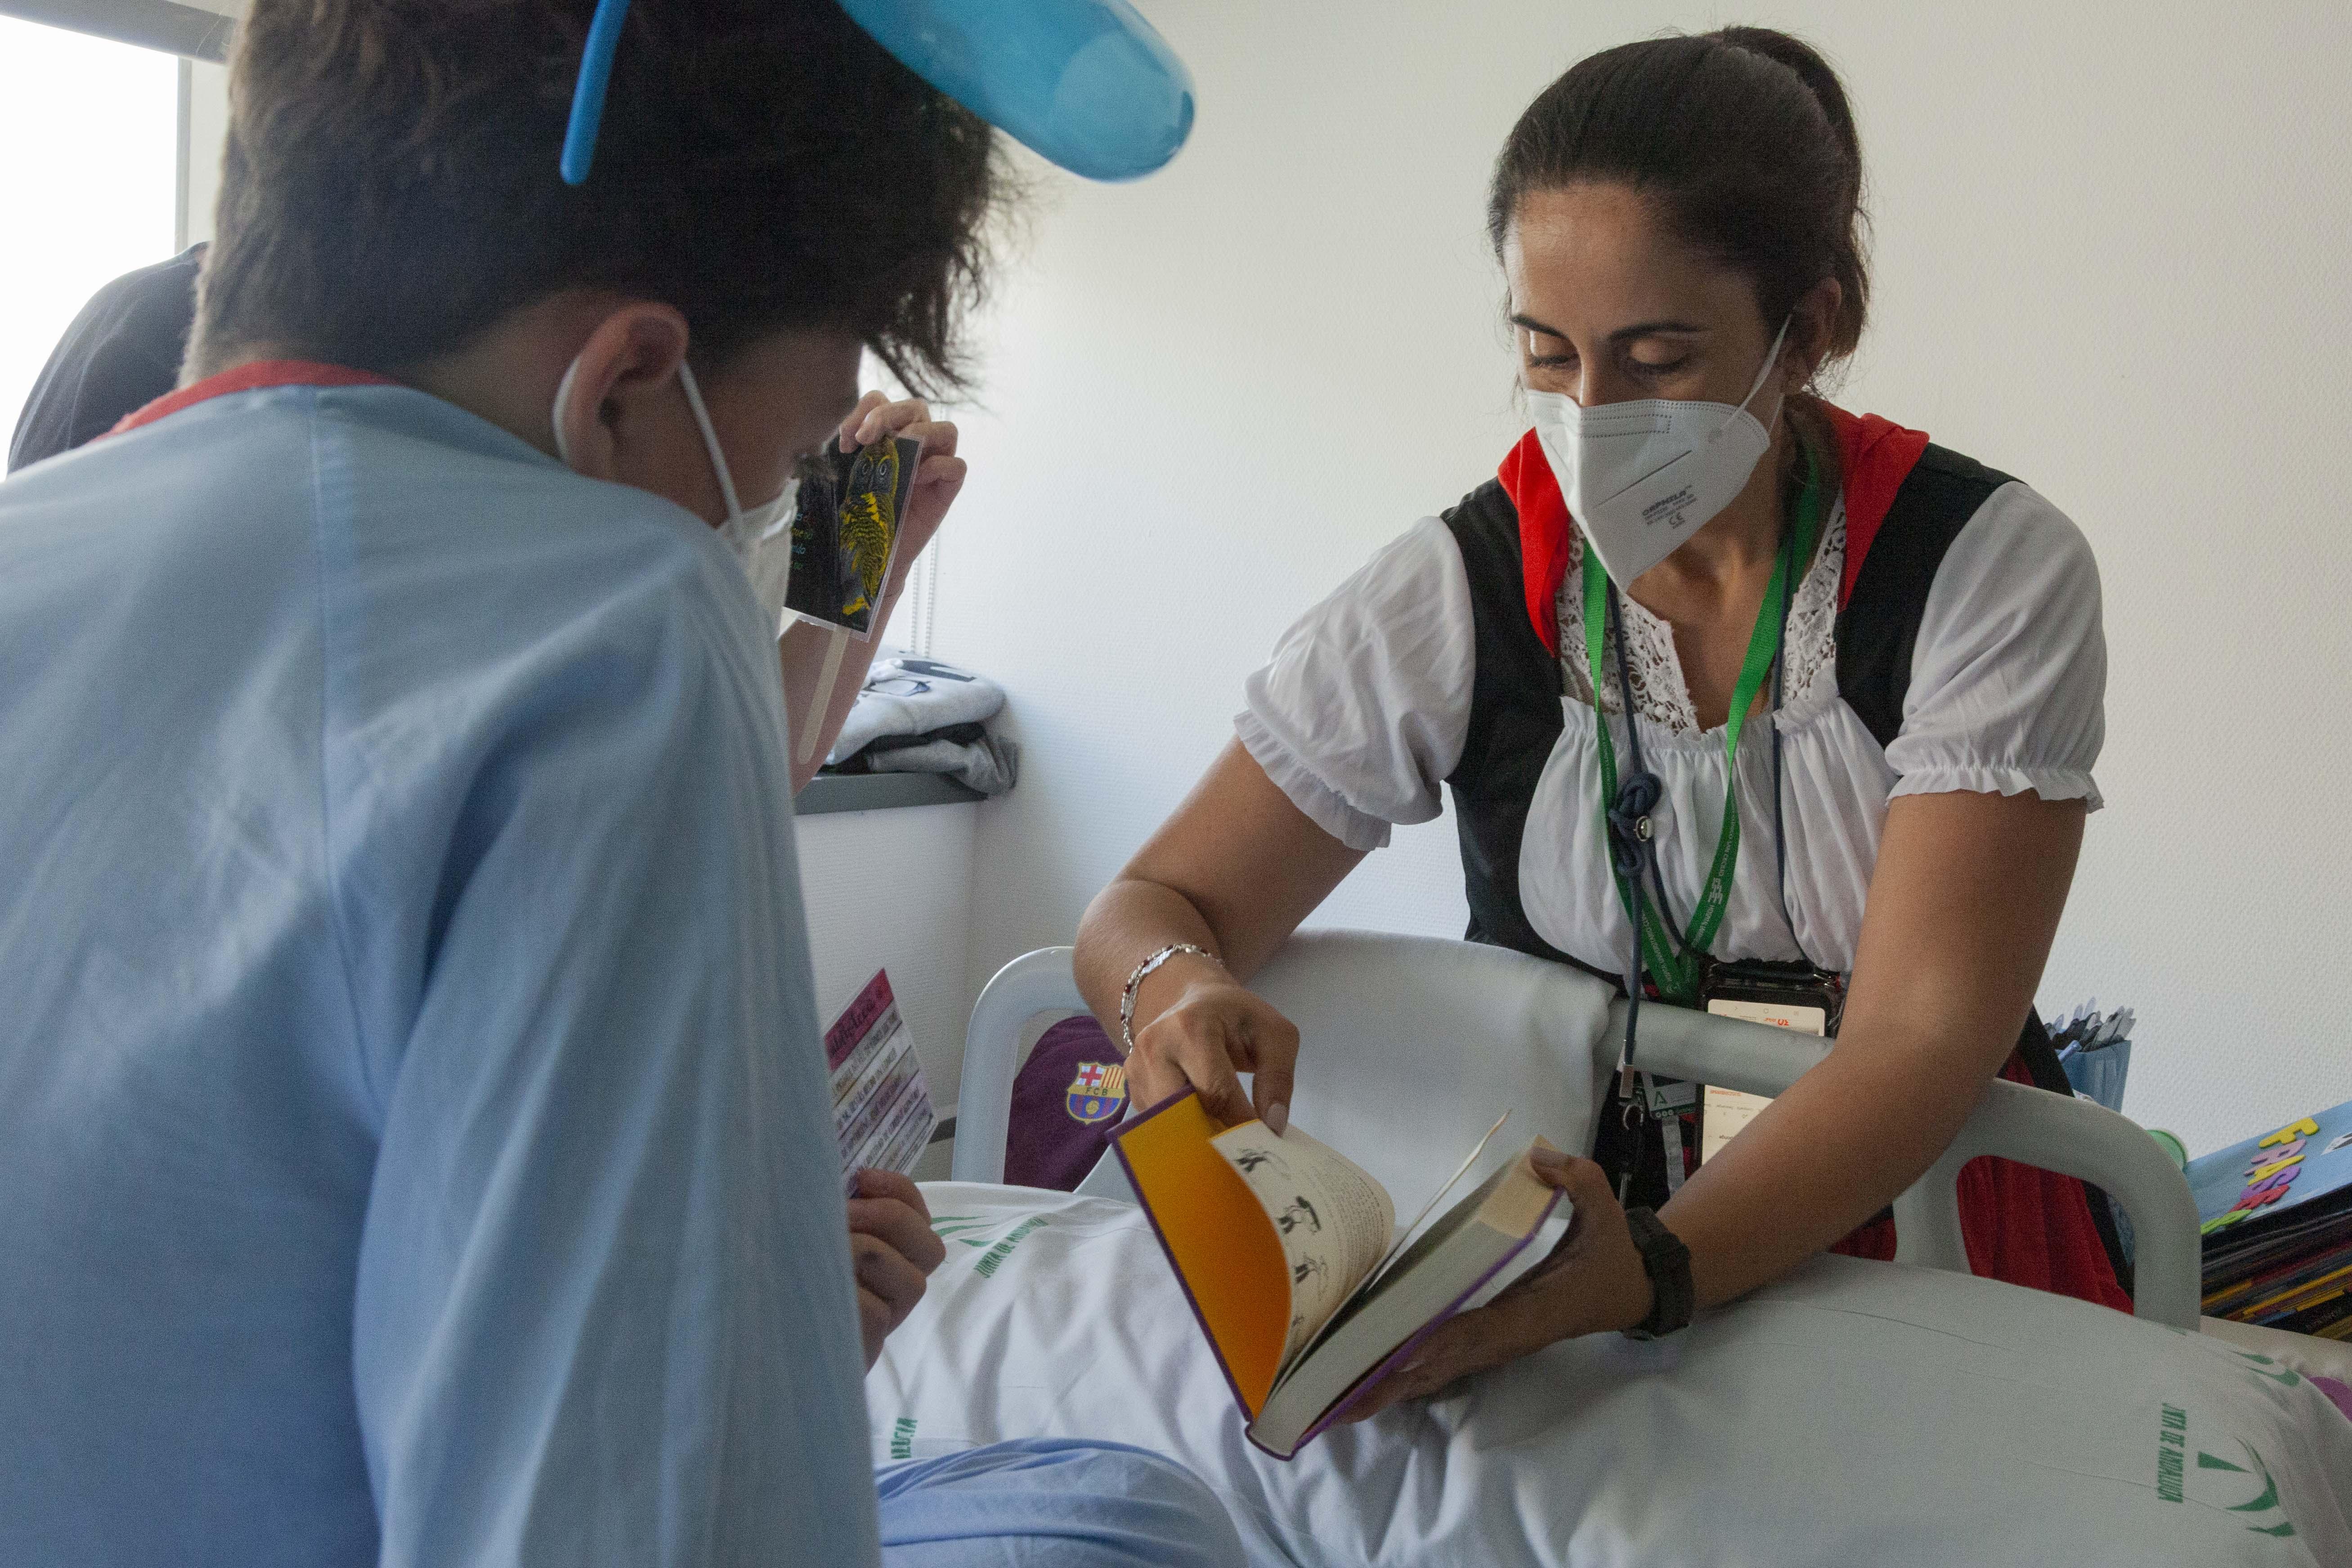 El aula hospitalaria del Clínico celebra el Día Mundial del Libro con actividades para promover la lectura